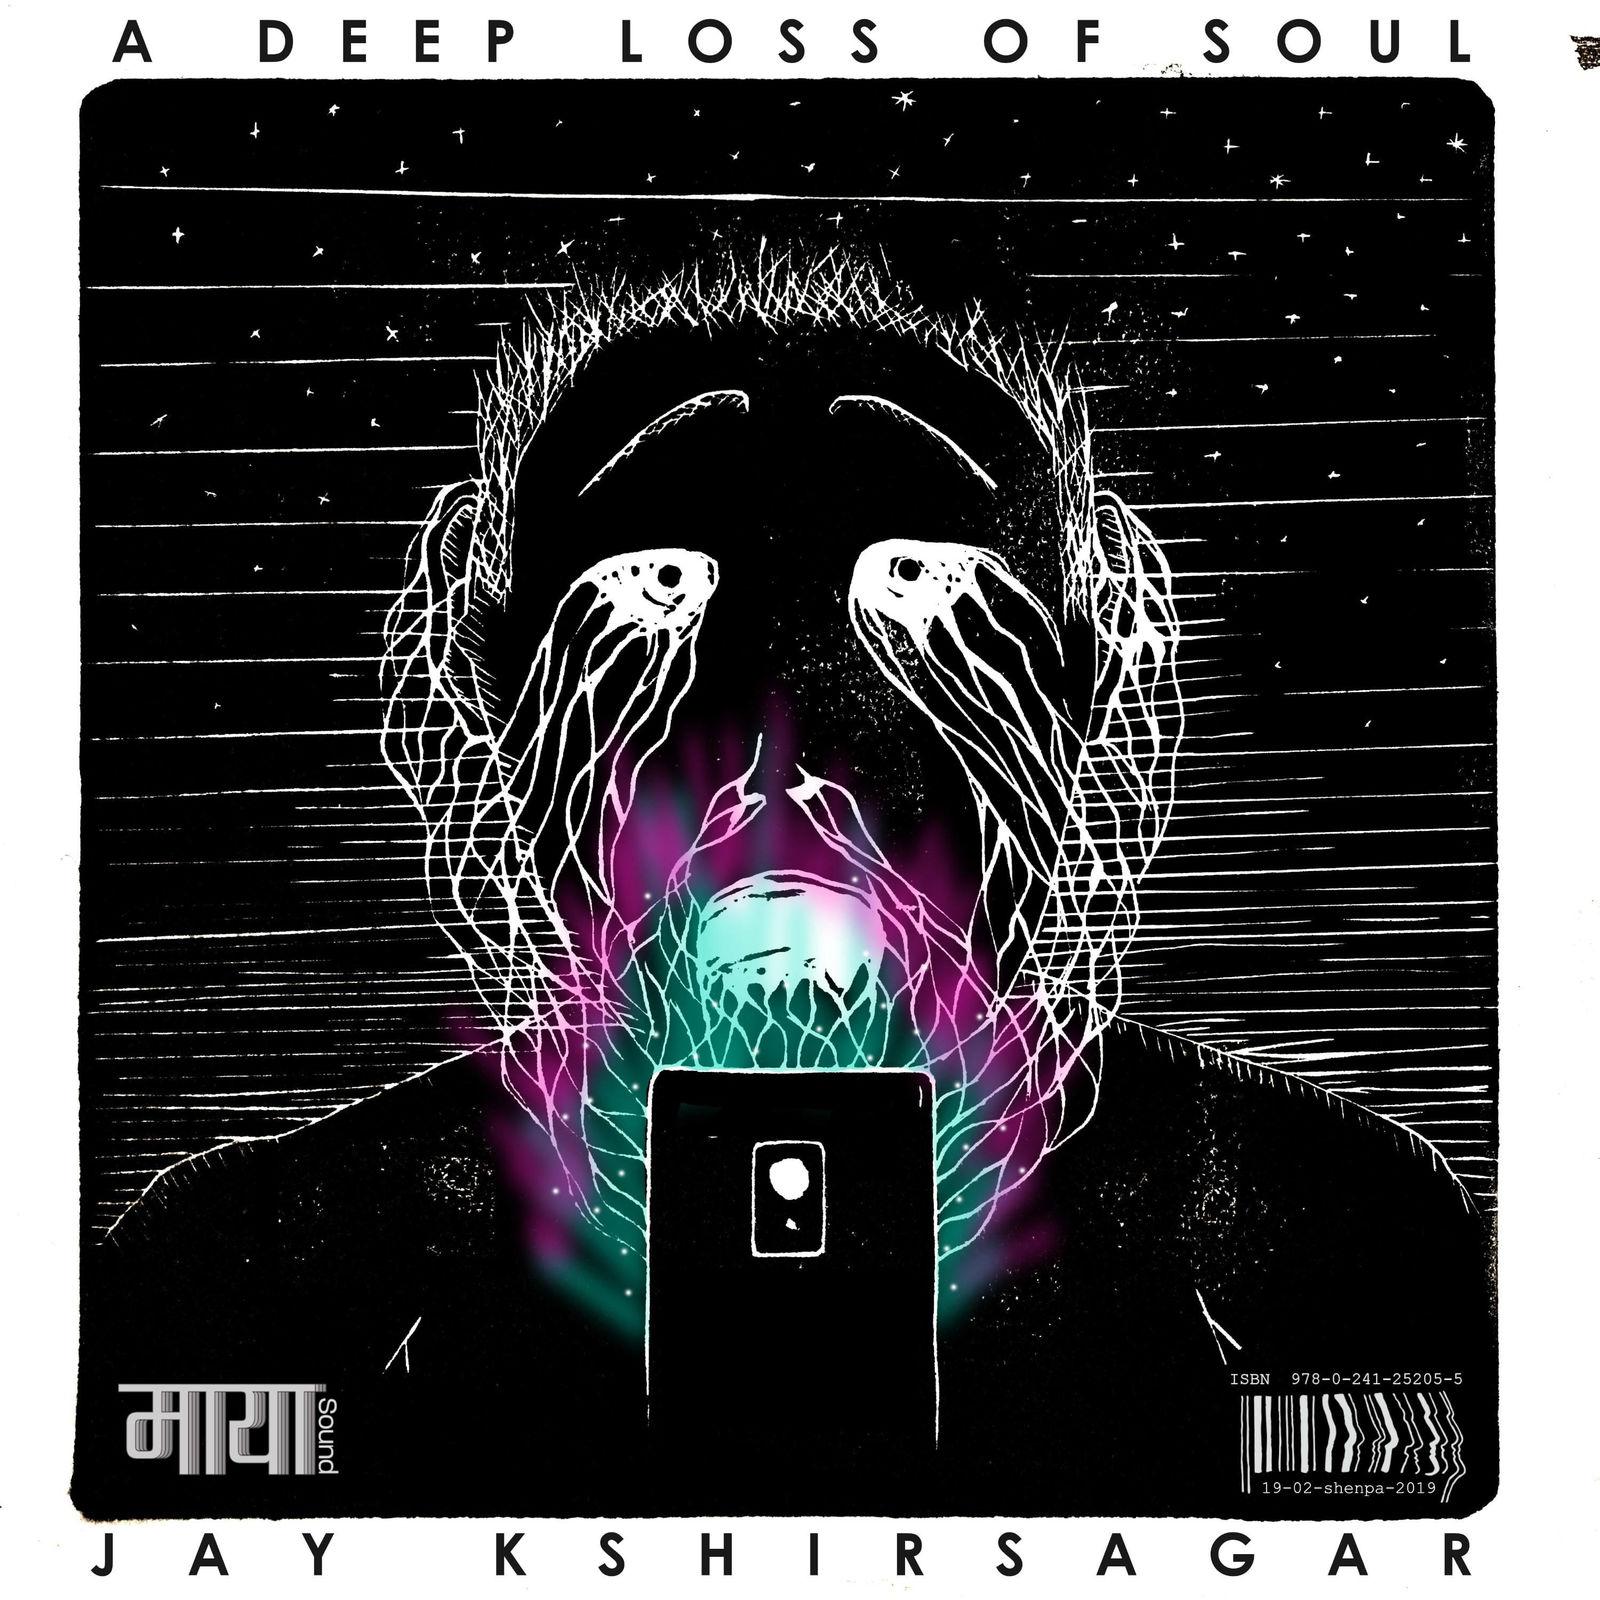 A Deep Loss Of Soul